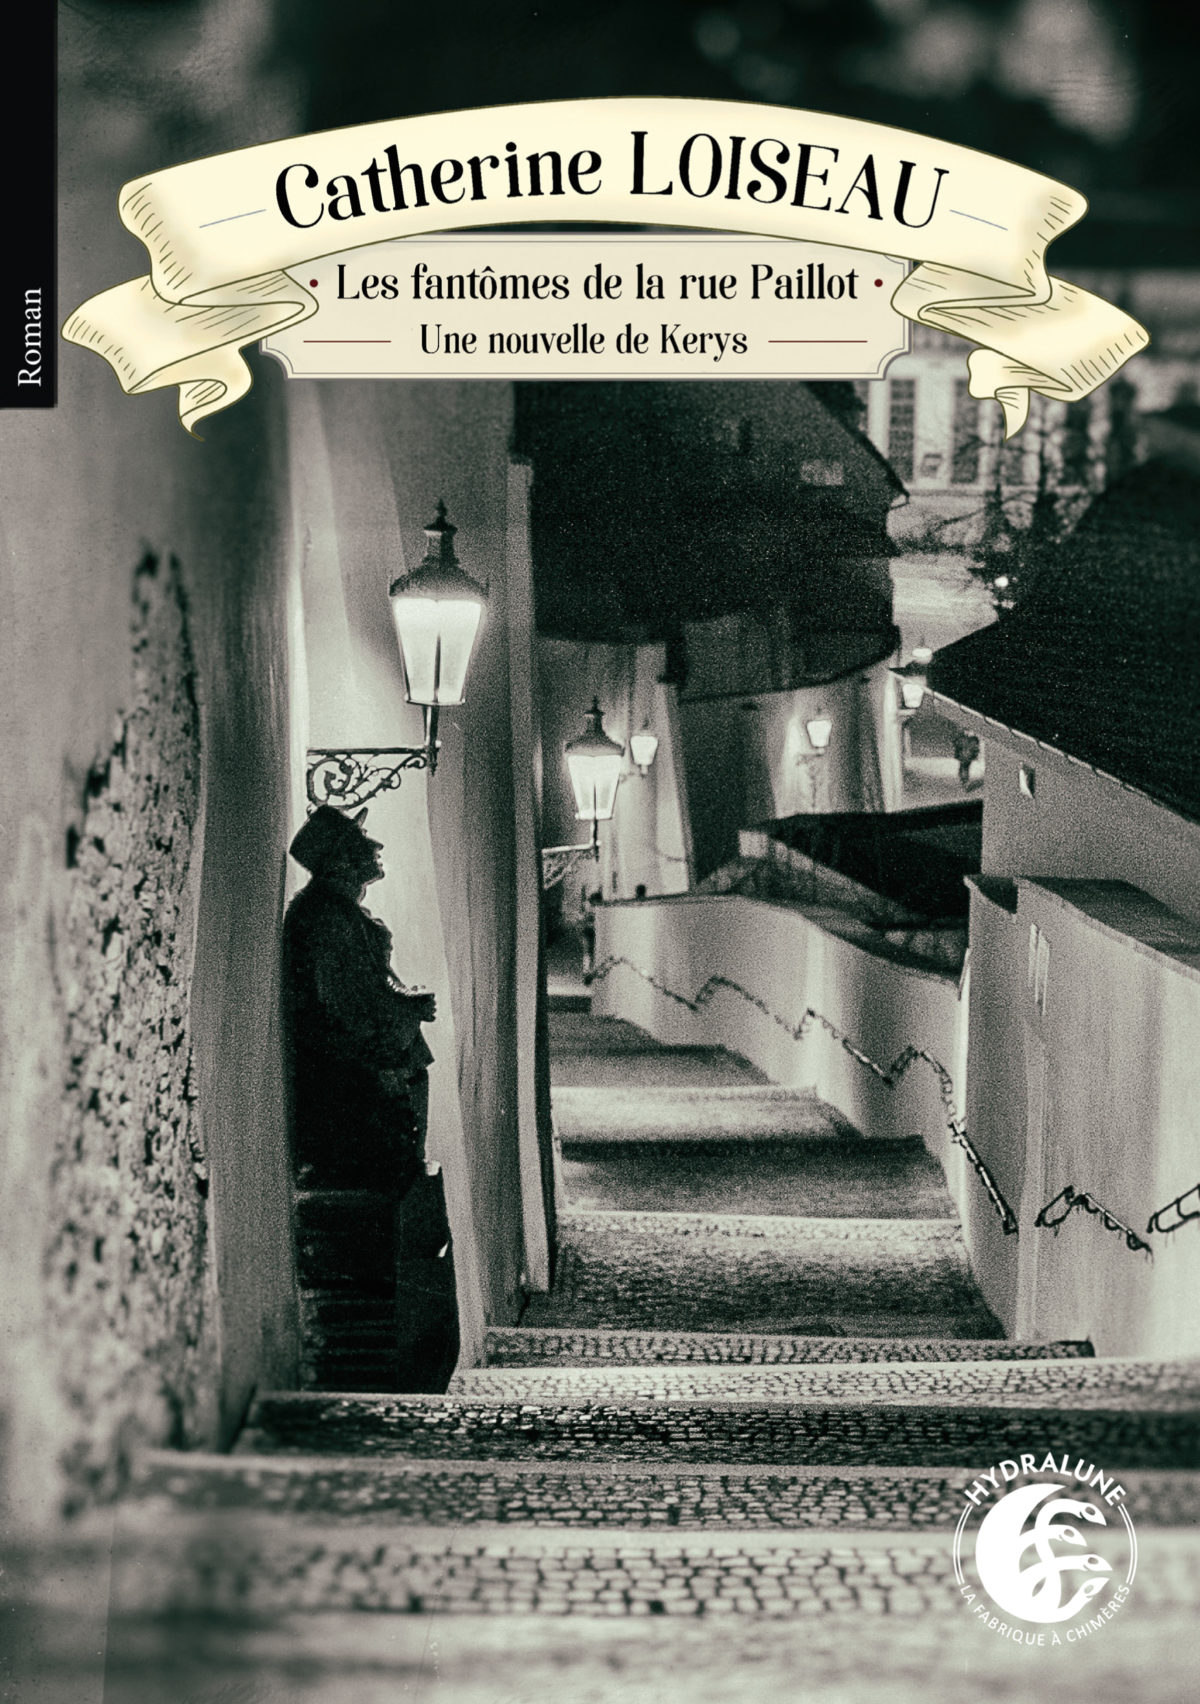 Sortie de Les fantômes de la rue Paillot, de Catherine Loiseau